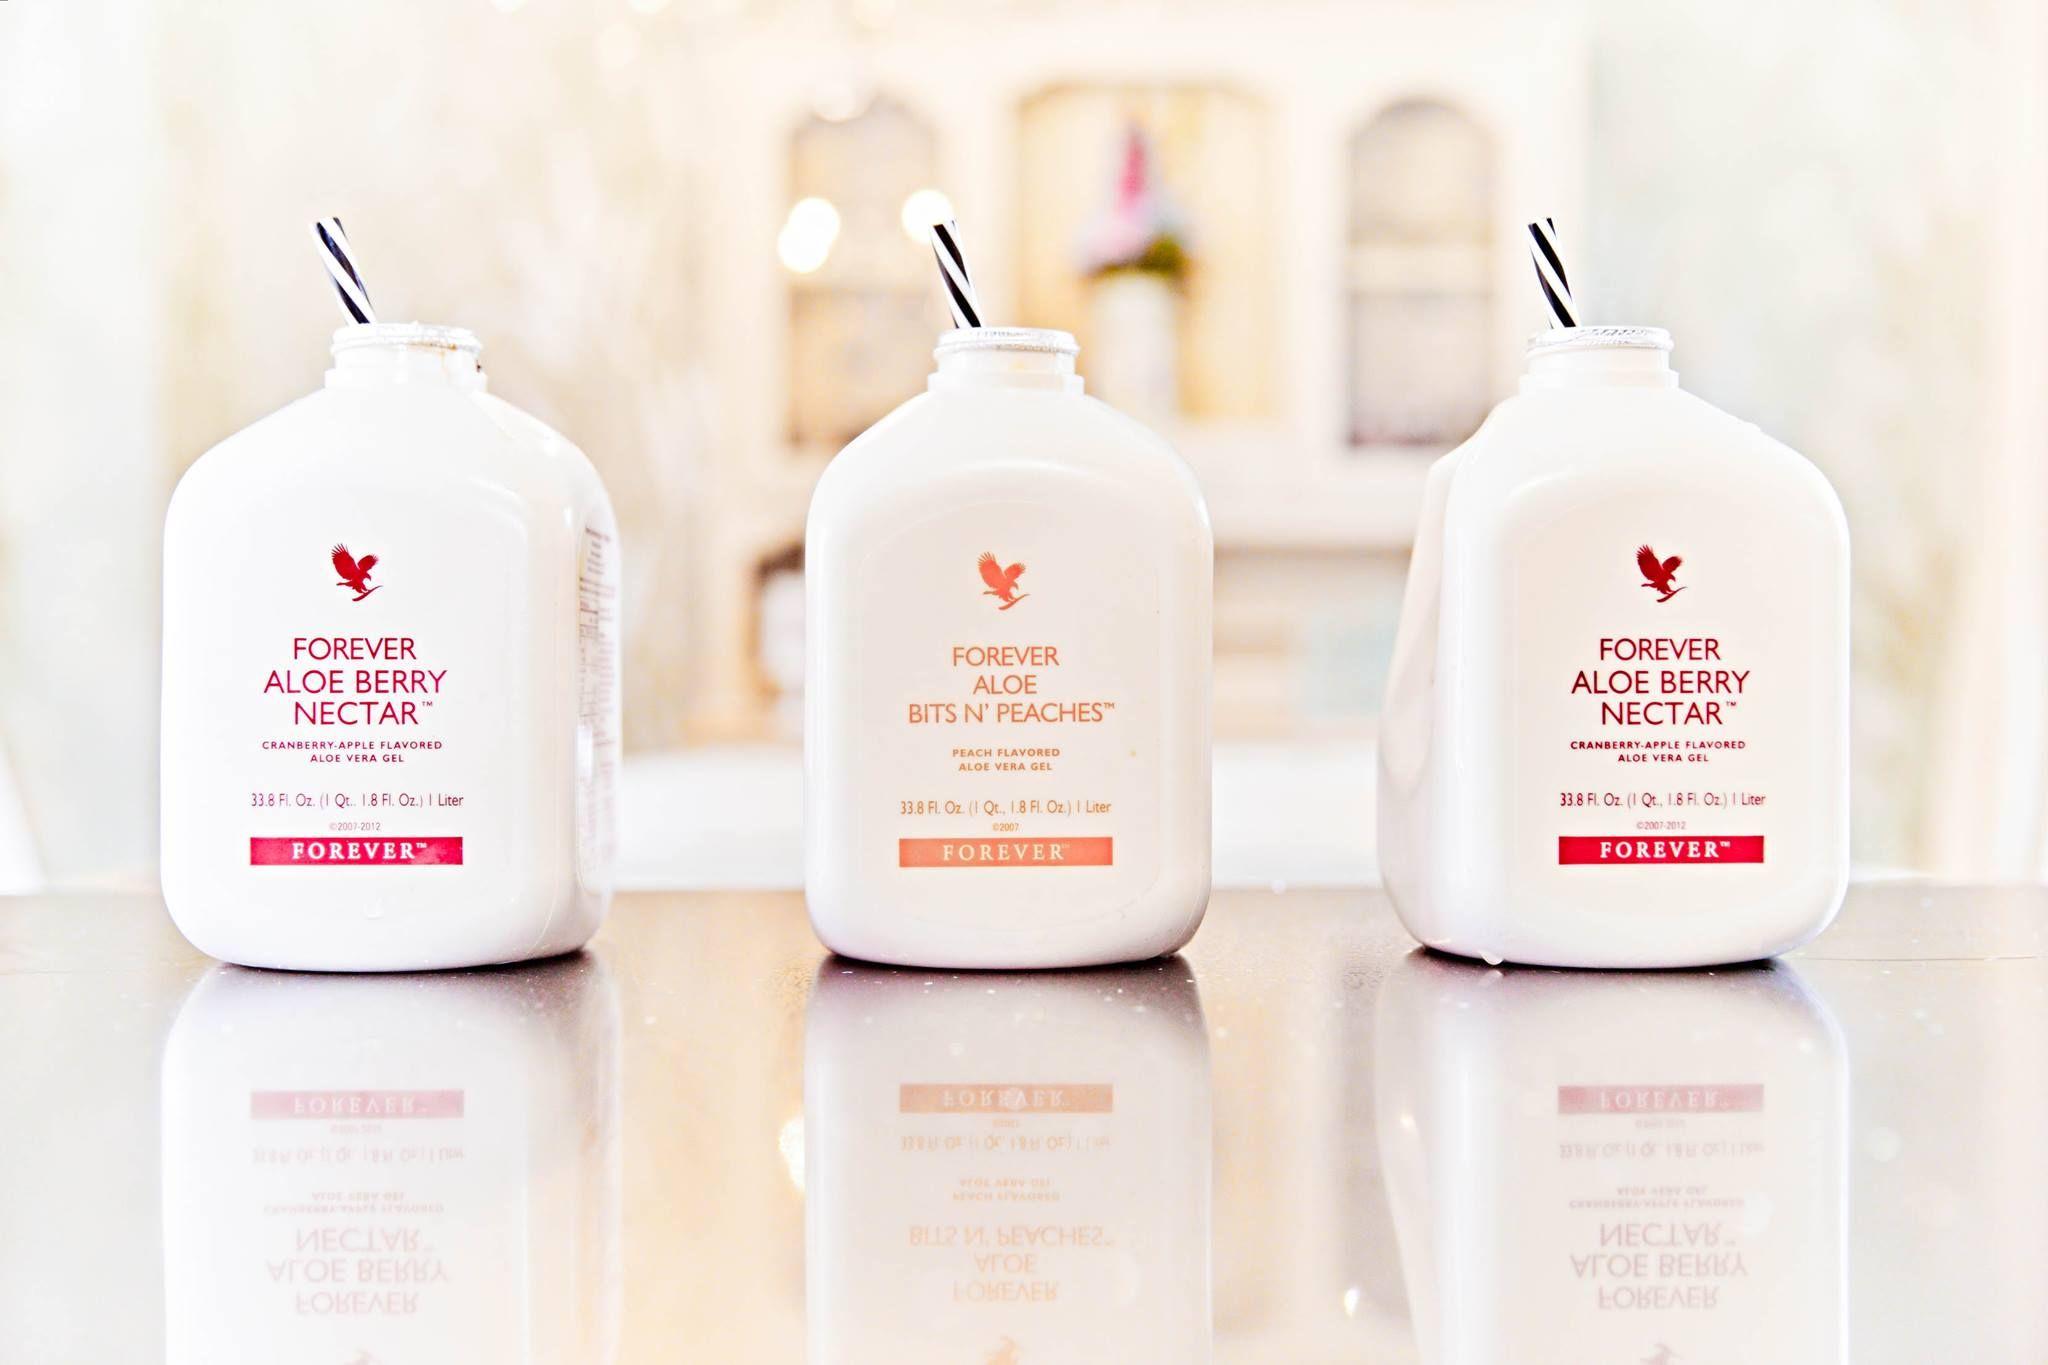 Kennst Du schon die Aloe Vera Trinkgels von FOREVER? Du erhälst die ...